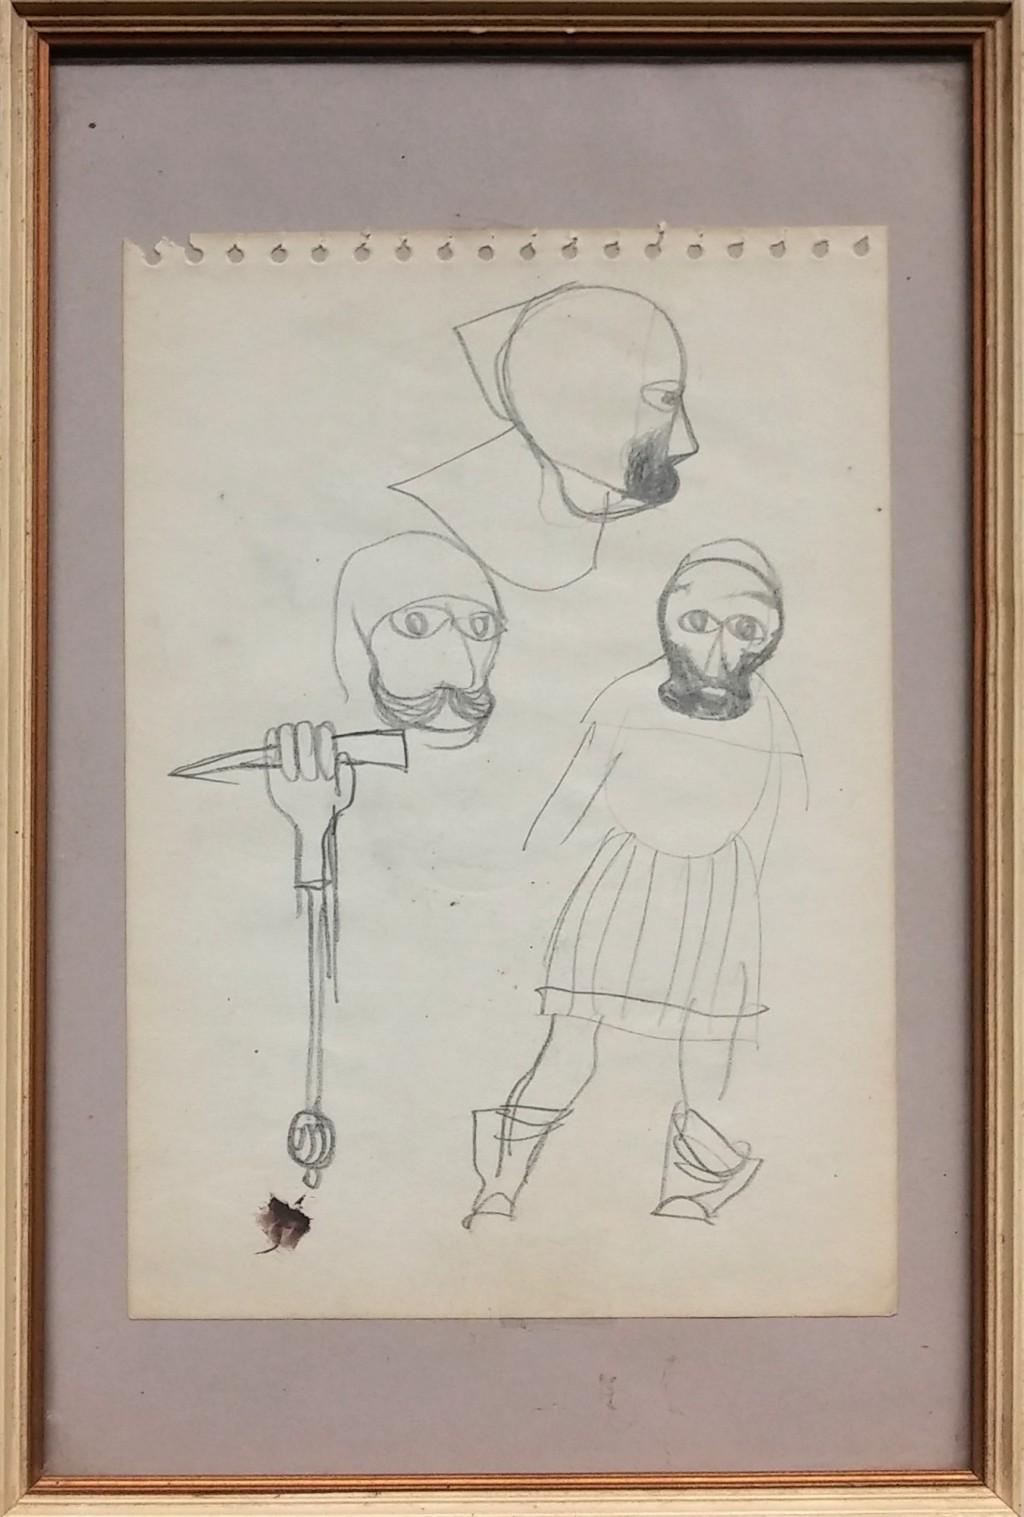 Trnka Jiří (1912 - 1969) : Skica k loutkám - Staré pověsti české